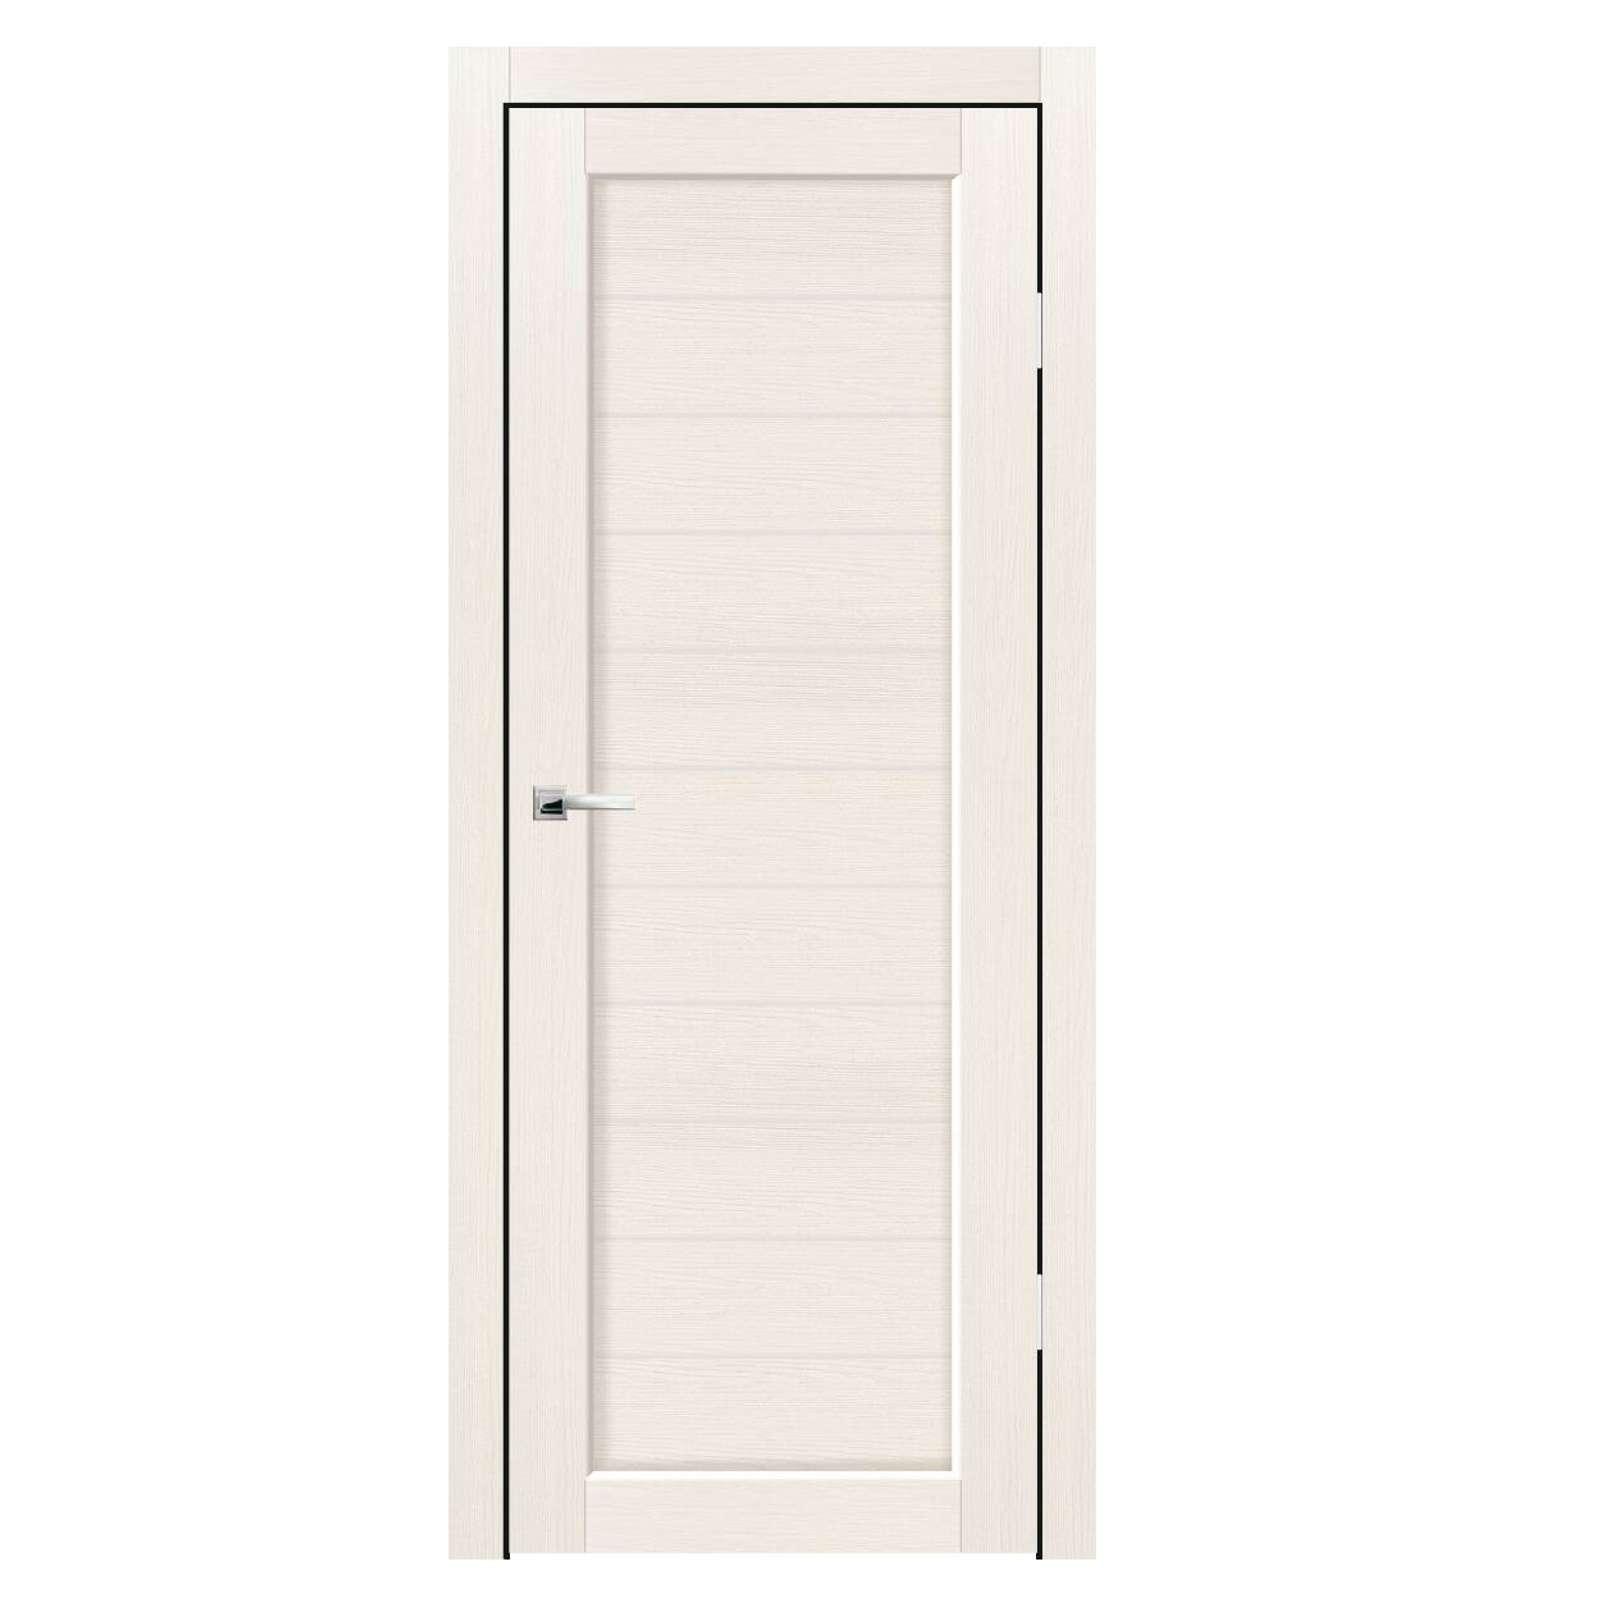 Дверное полотно Синержи Легро, Дуб молочный, ПДГ 700Х2000ММ